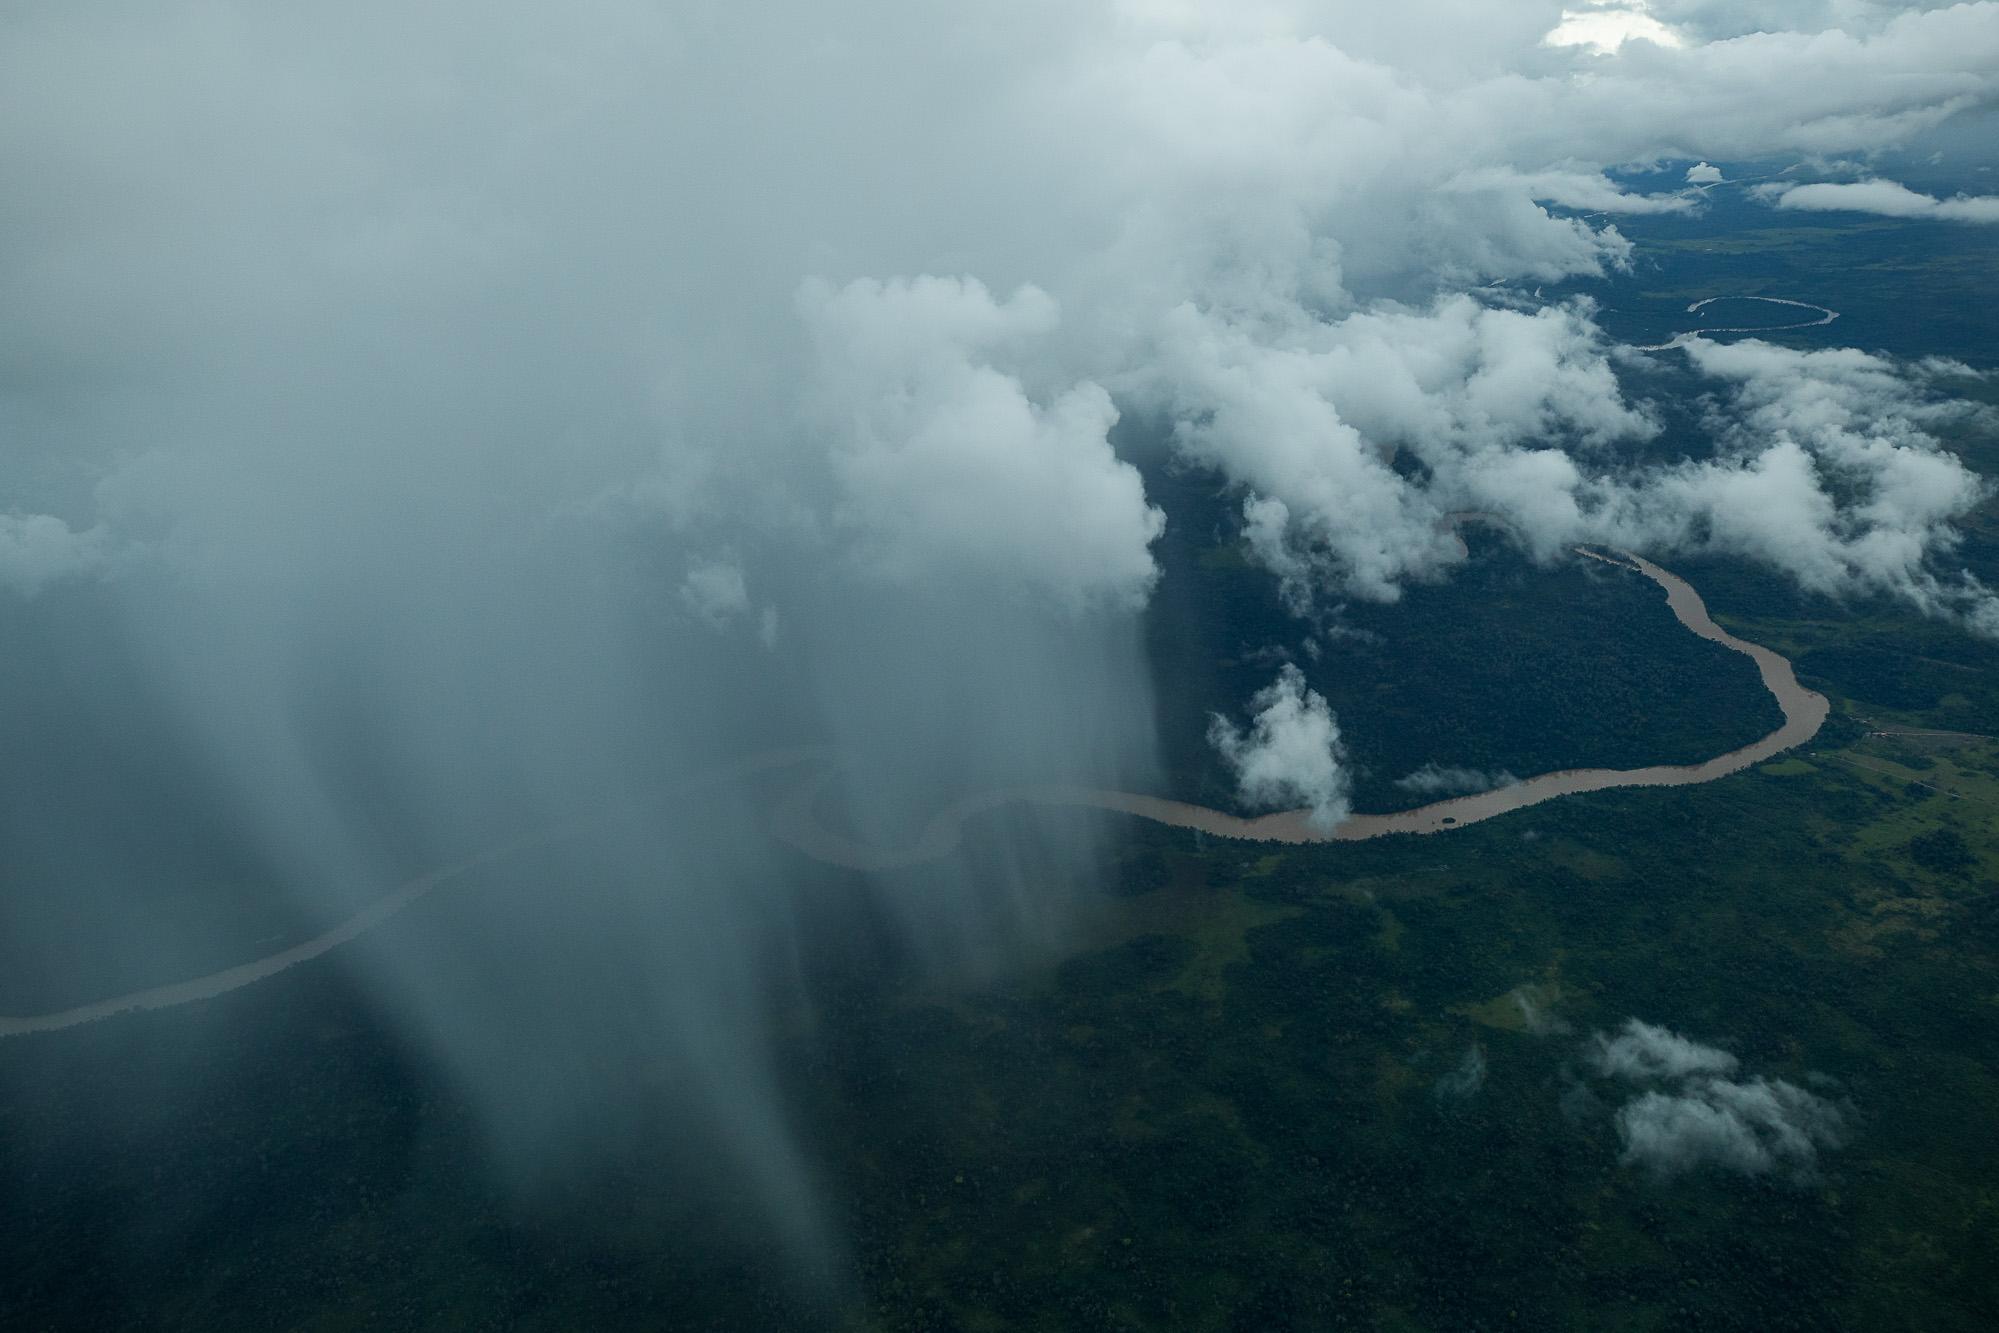 O valor intrínseco da biodiversidade amazônica: 2 – Mudar a argumentação para conservação